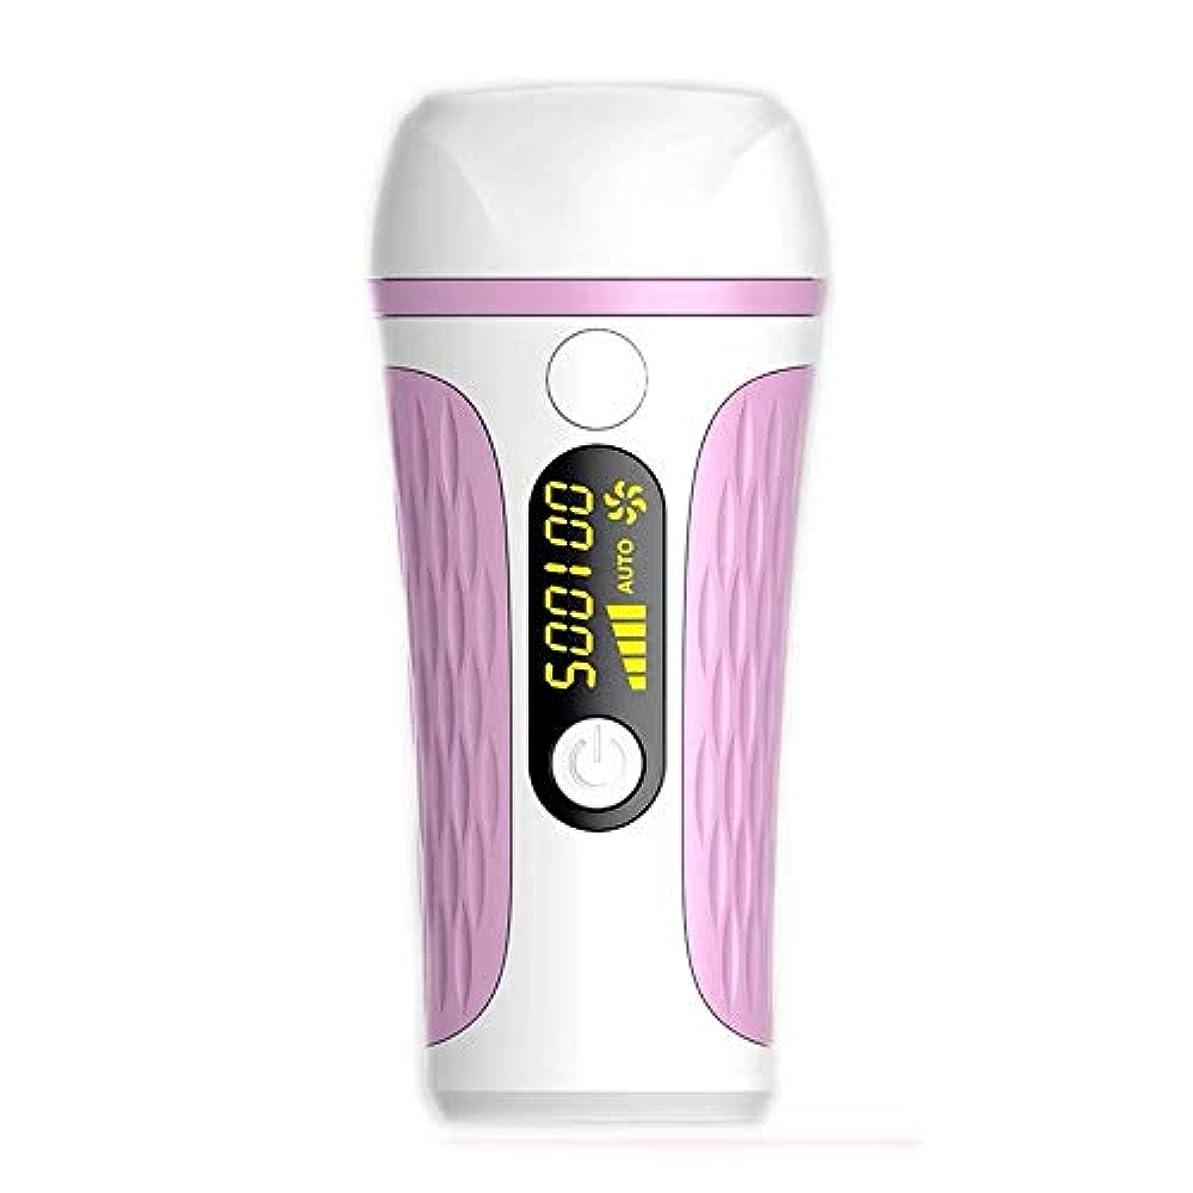 イル重くするジャーナルXihouxian 携帯用コールドポイント痛みのない毛の除去剤、自動、手動、2つのモード、LCDディスプレイ、5スピード調整、サイズ14.5 X 6.7 X 19 Cm D40